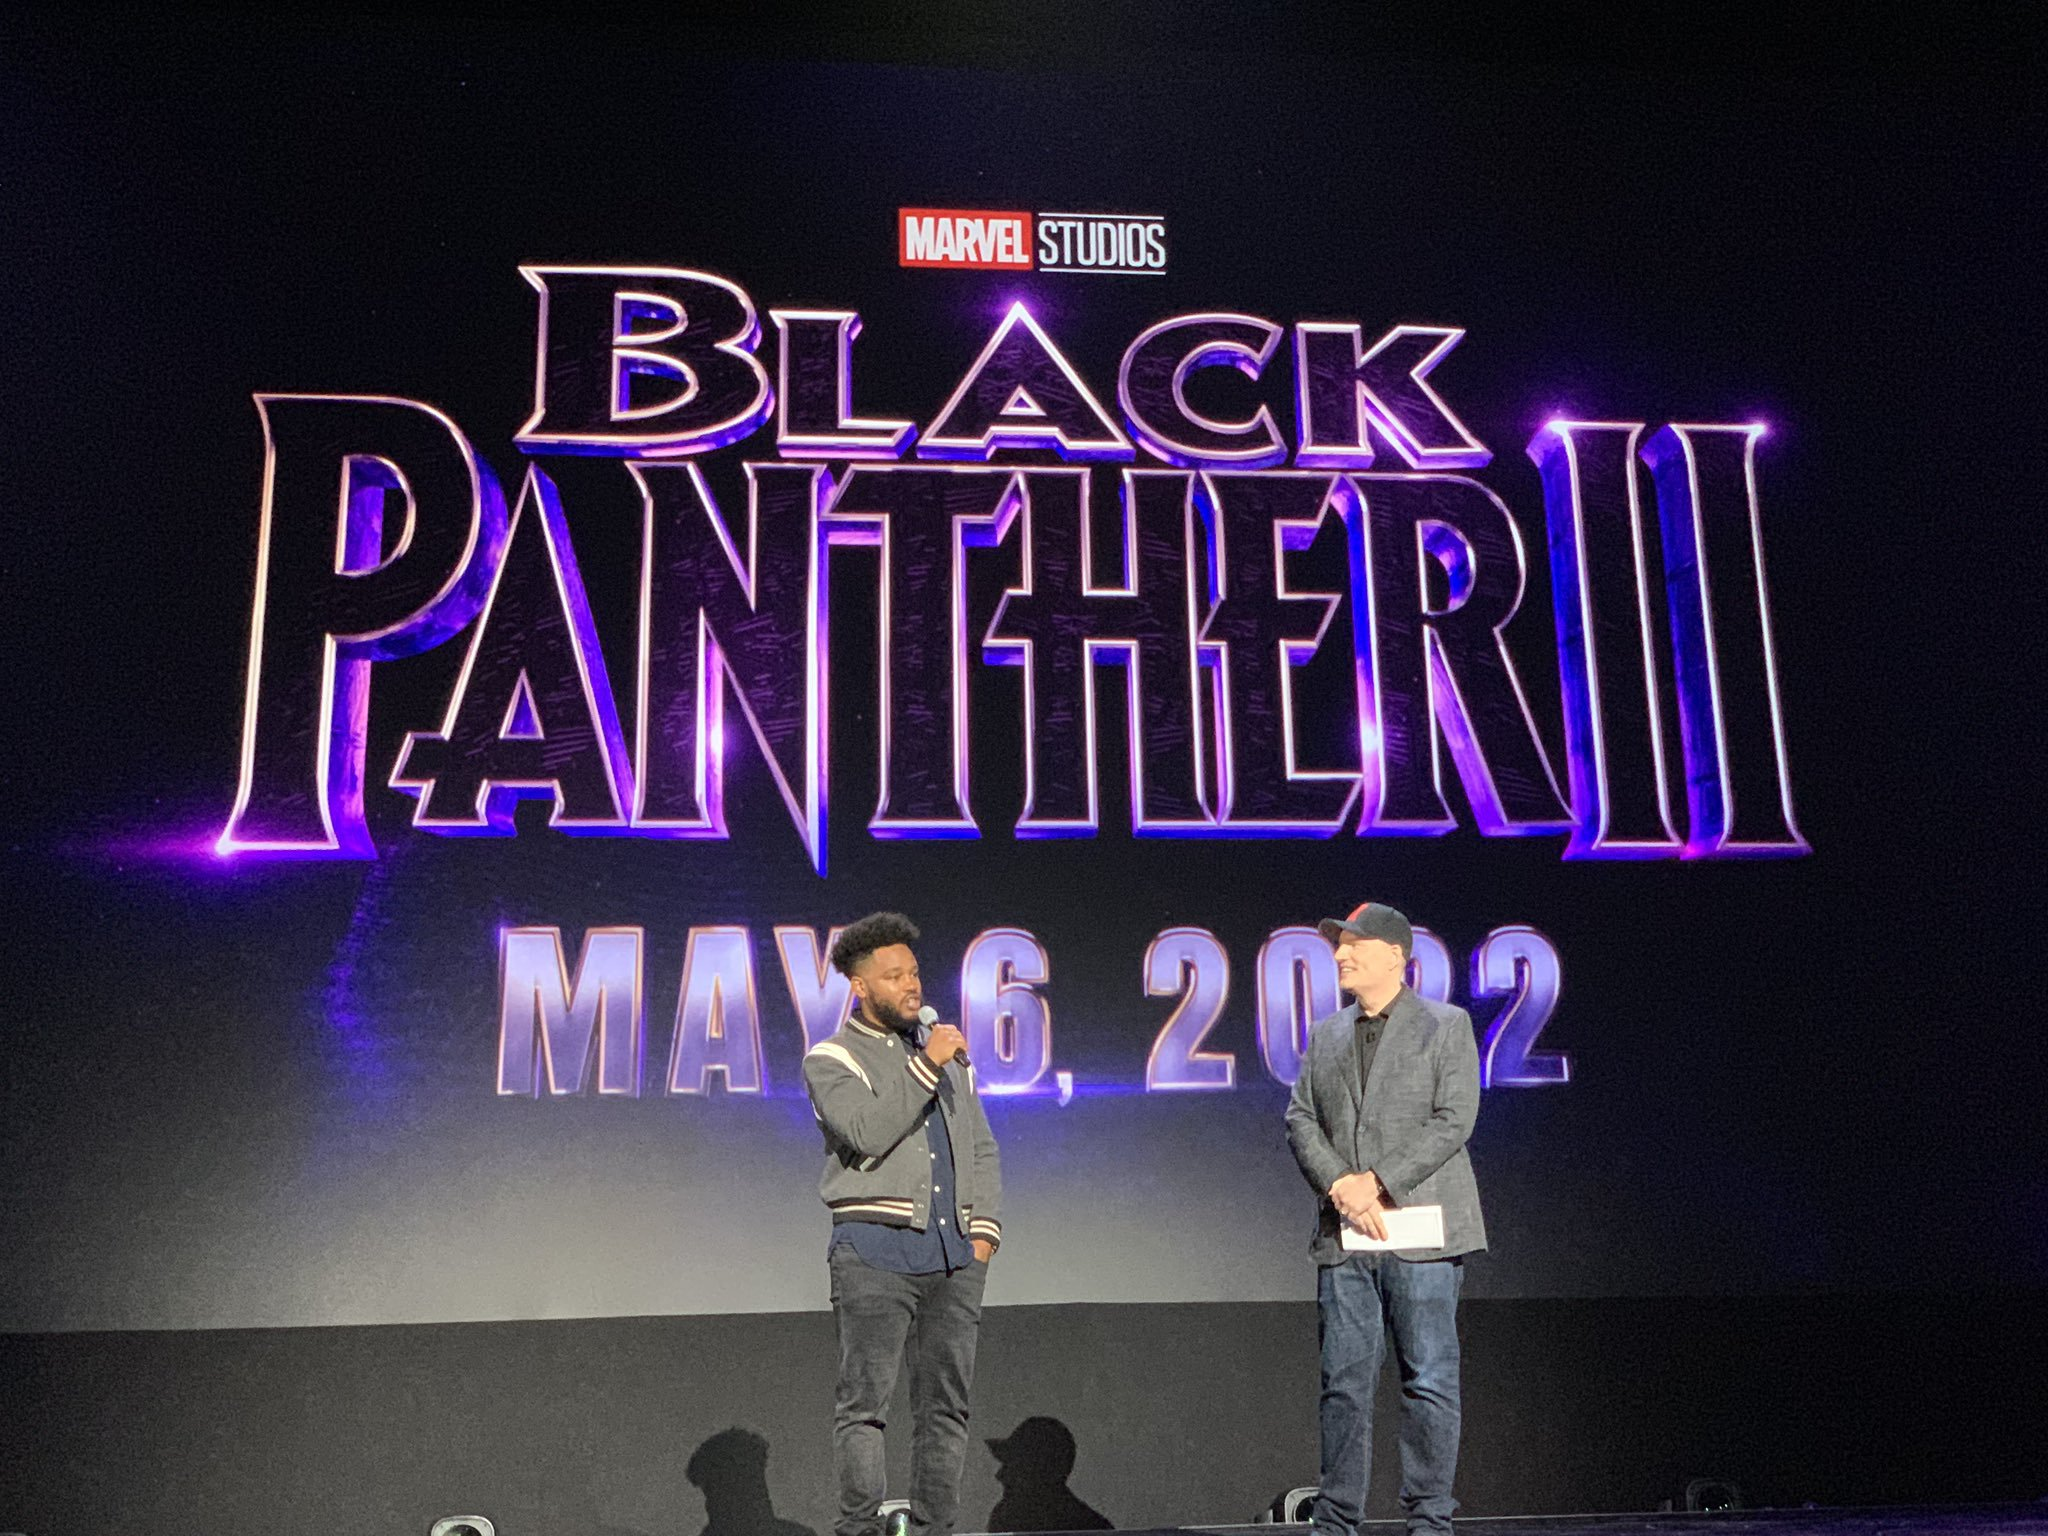 blackpantherII.jpeg